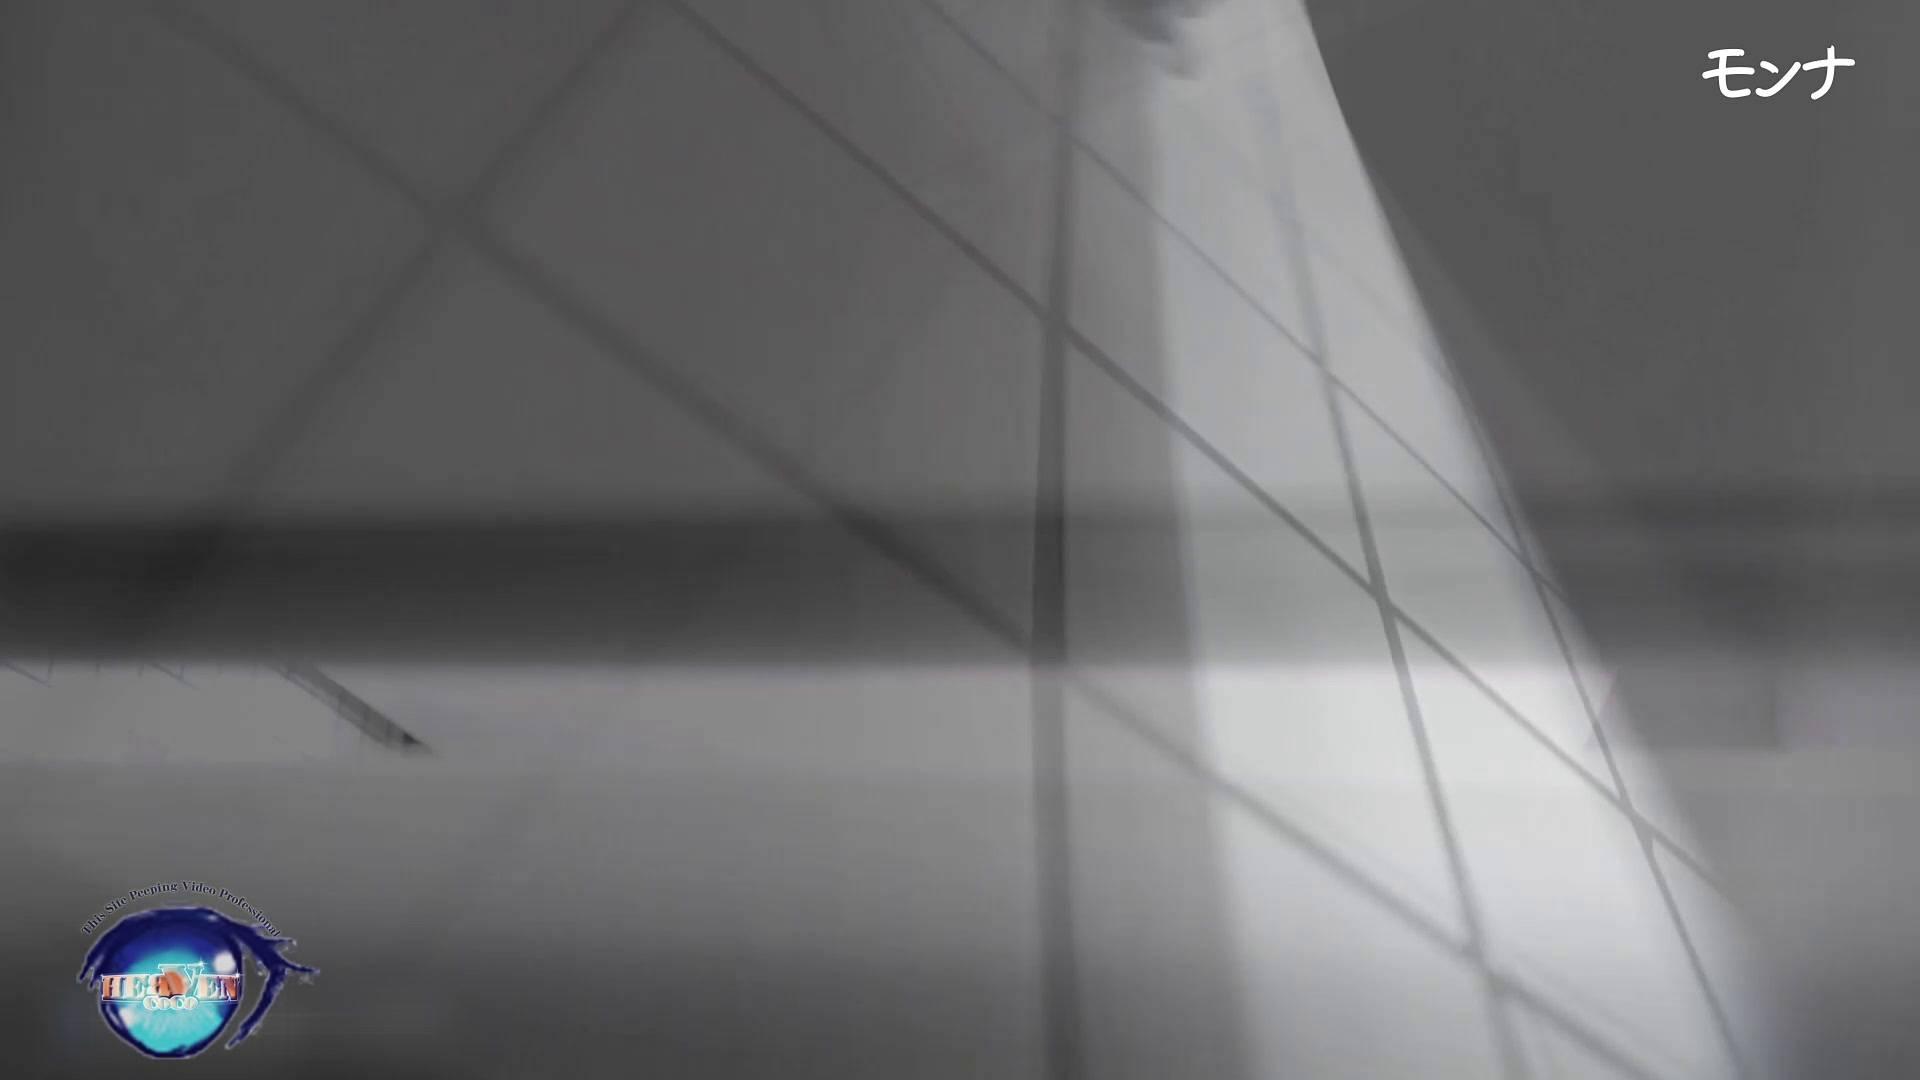 【美しい日本の未来】美しい日本の未来 No.75 たまらないくびれ 2 生え茂る おまんこ見放題   盗撮シリーズ  84PIX 47